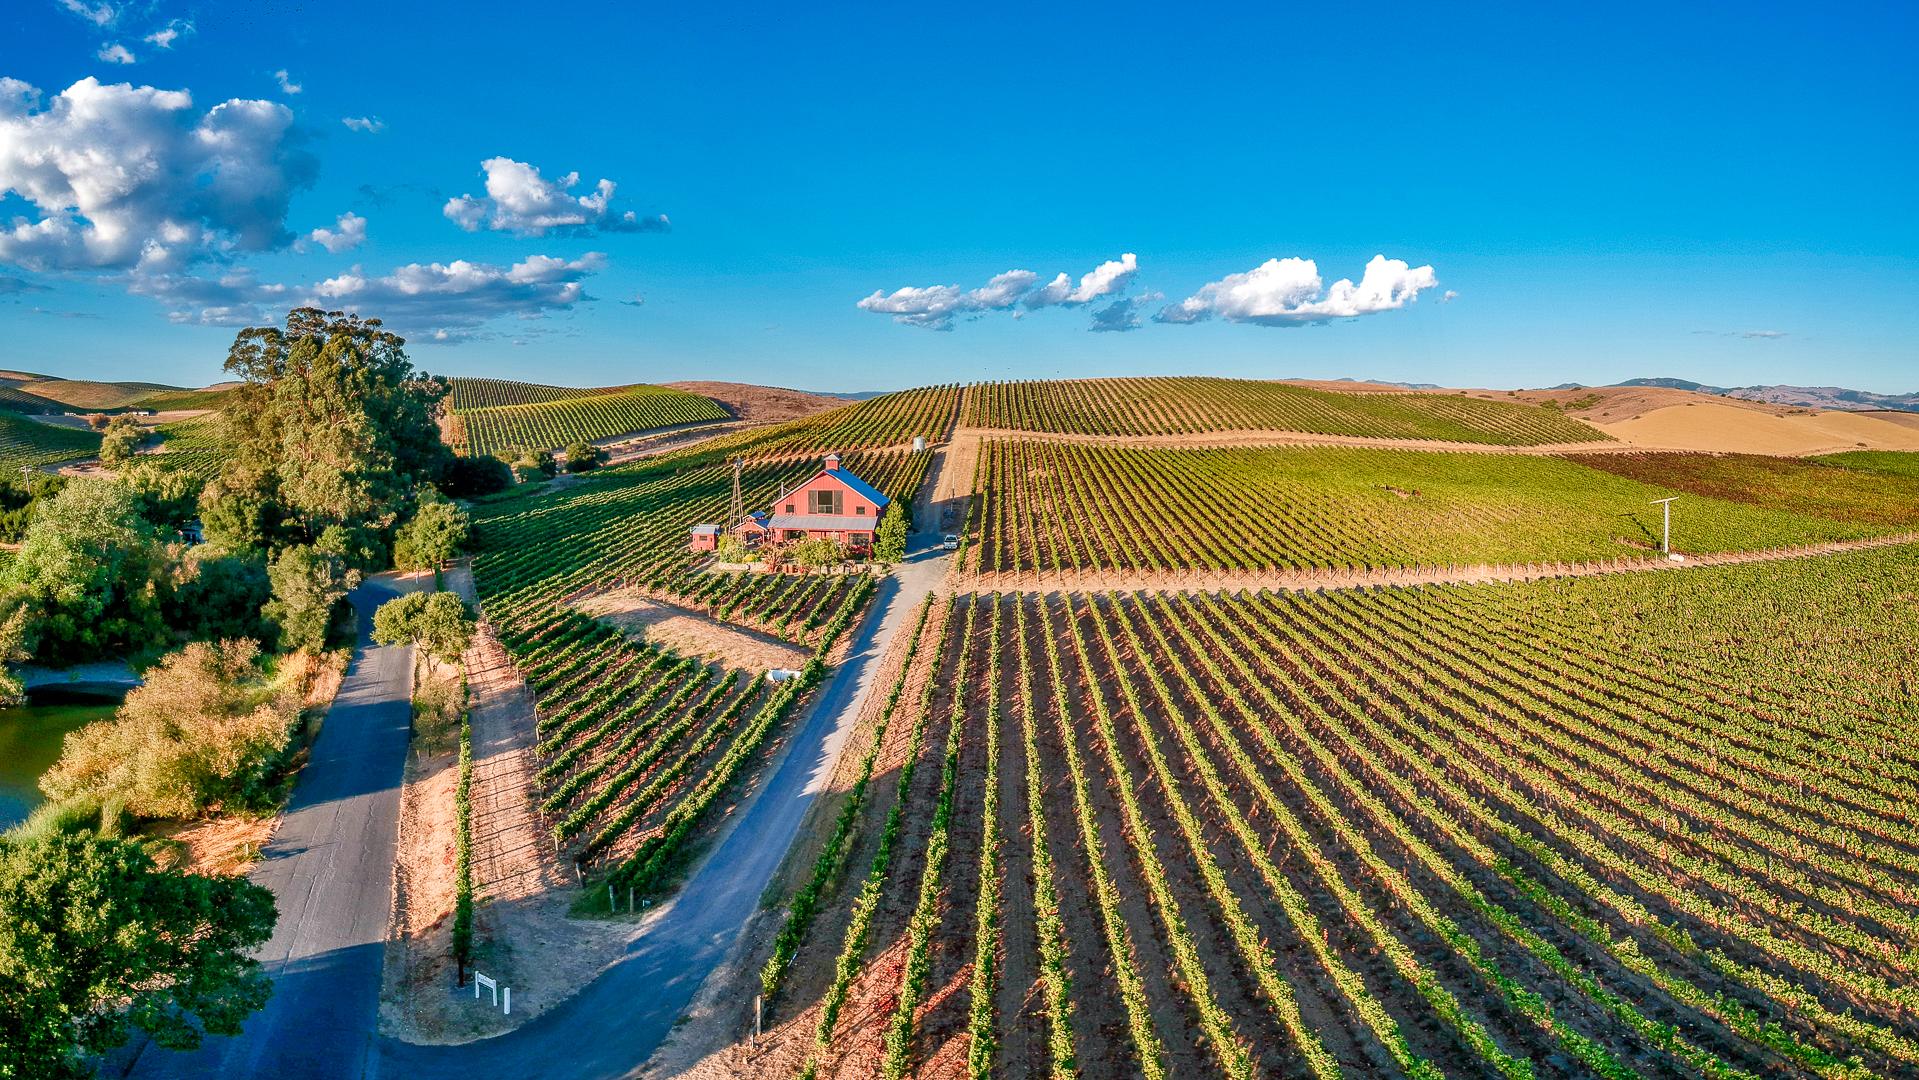 Los Carneros Vineyard view in late summer